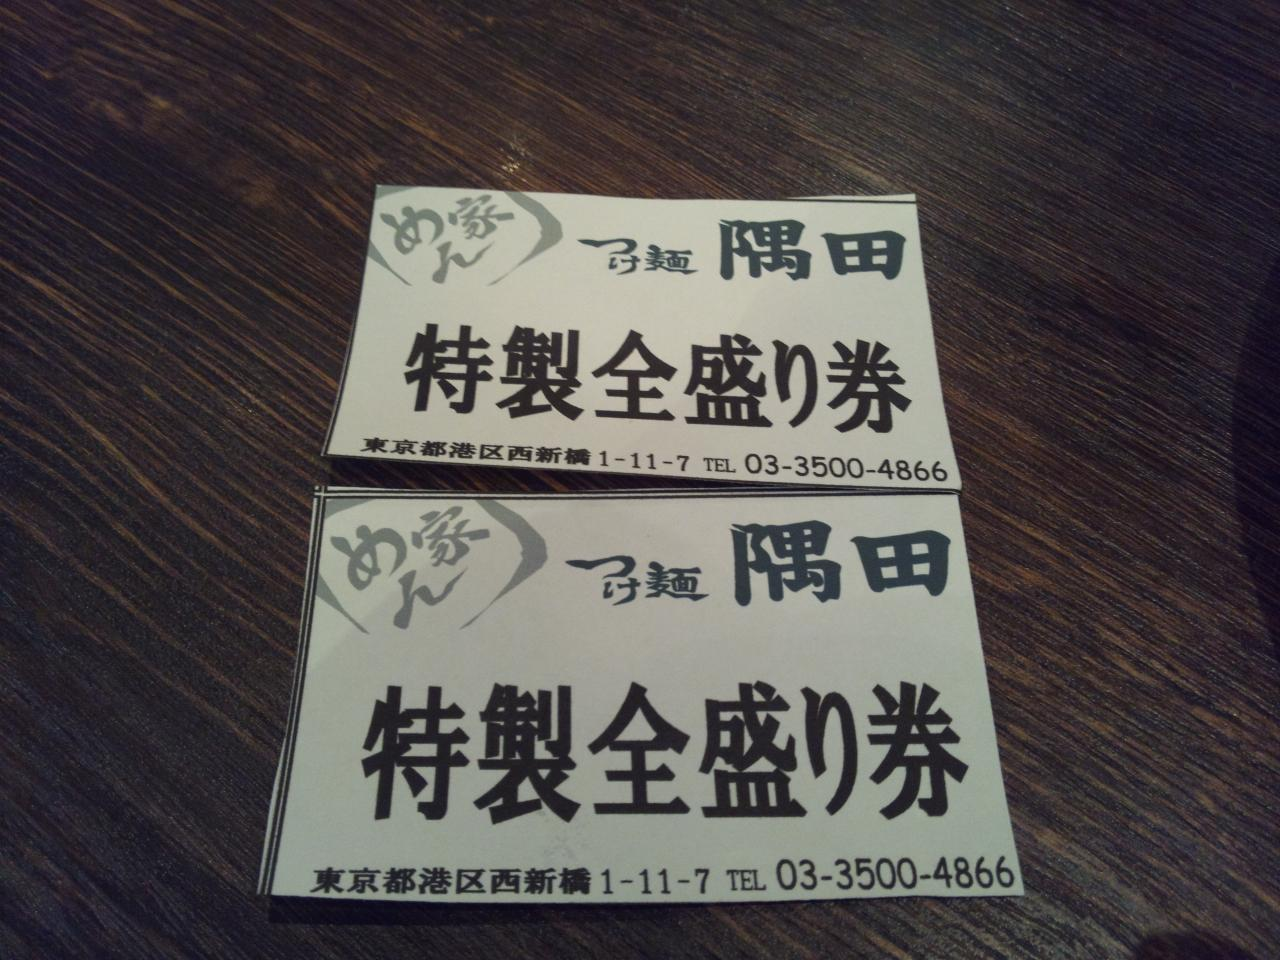 つけ麺隅田西新橋店(券)